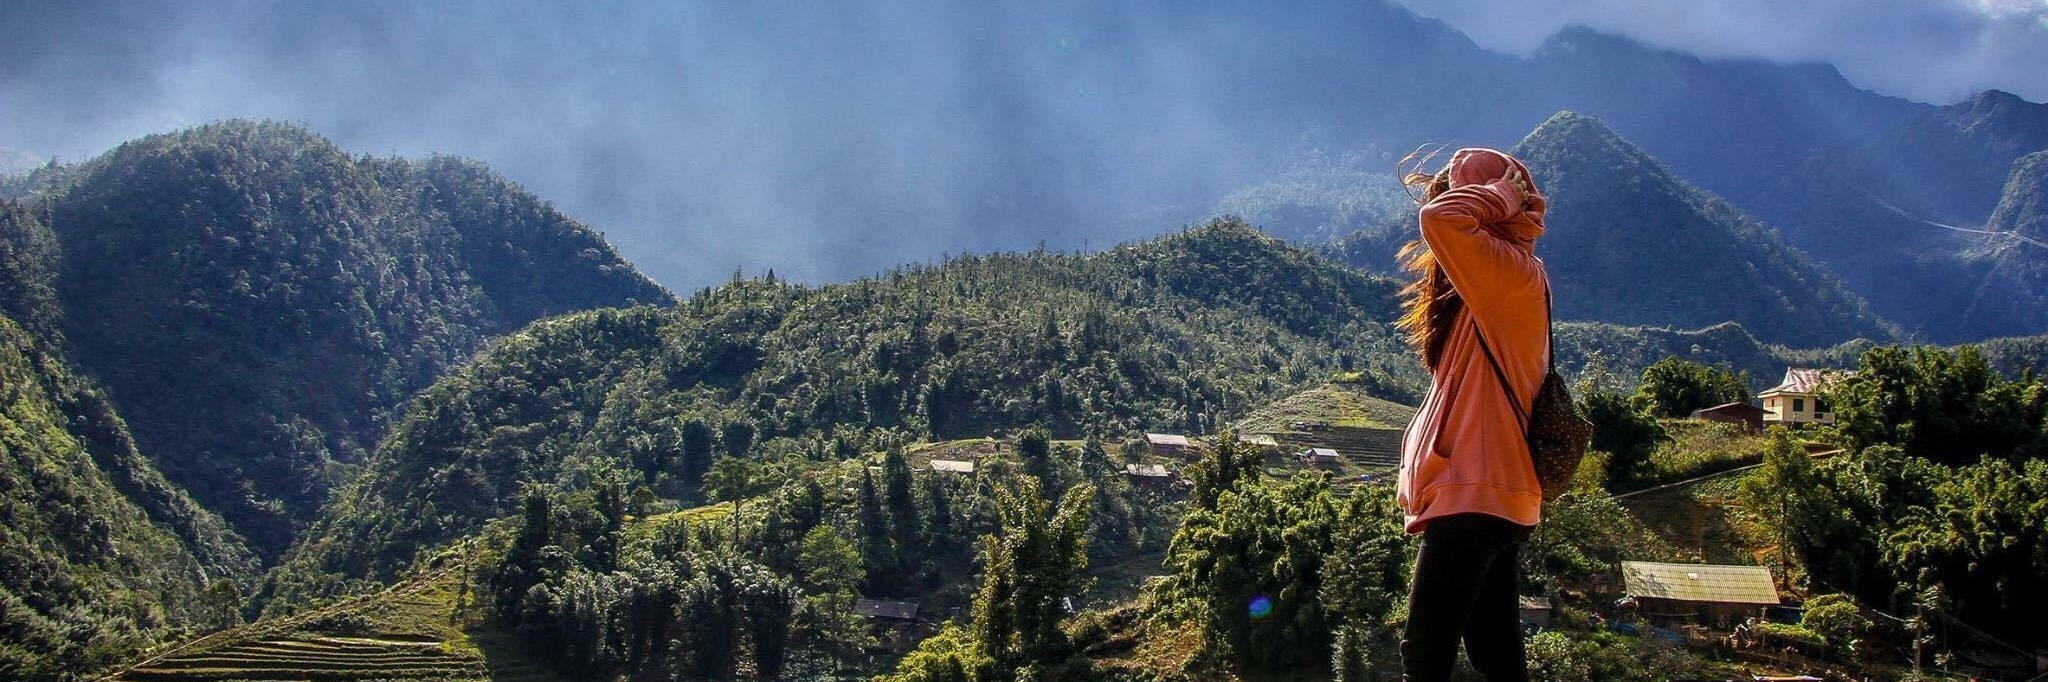 https://gody.vn/blog/cam-nang-trekking/post/thuoc-long-bi-kip-trekking-danh-cho-cac-chi-em-truoc-khi-len-duong-3923